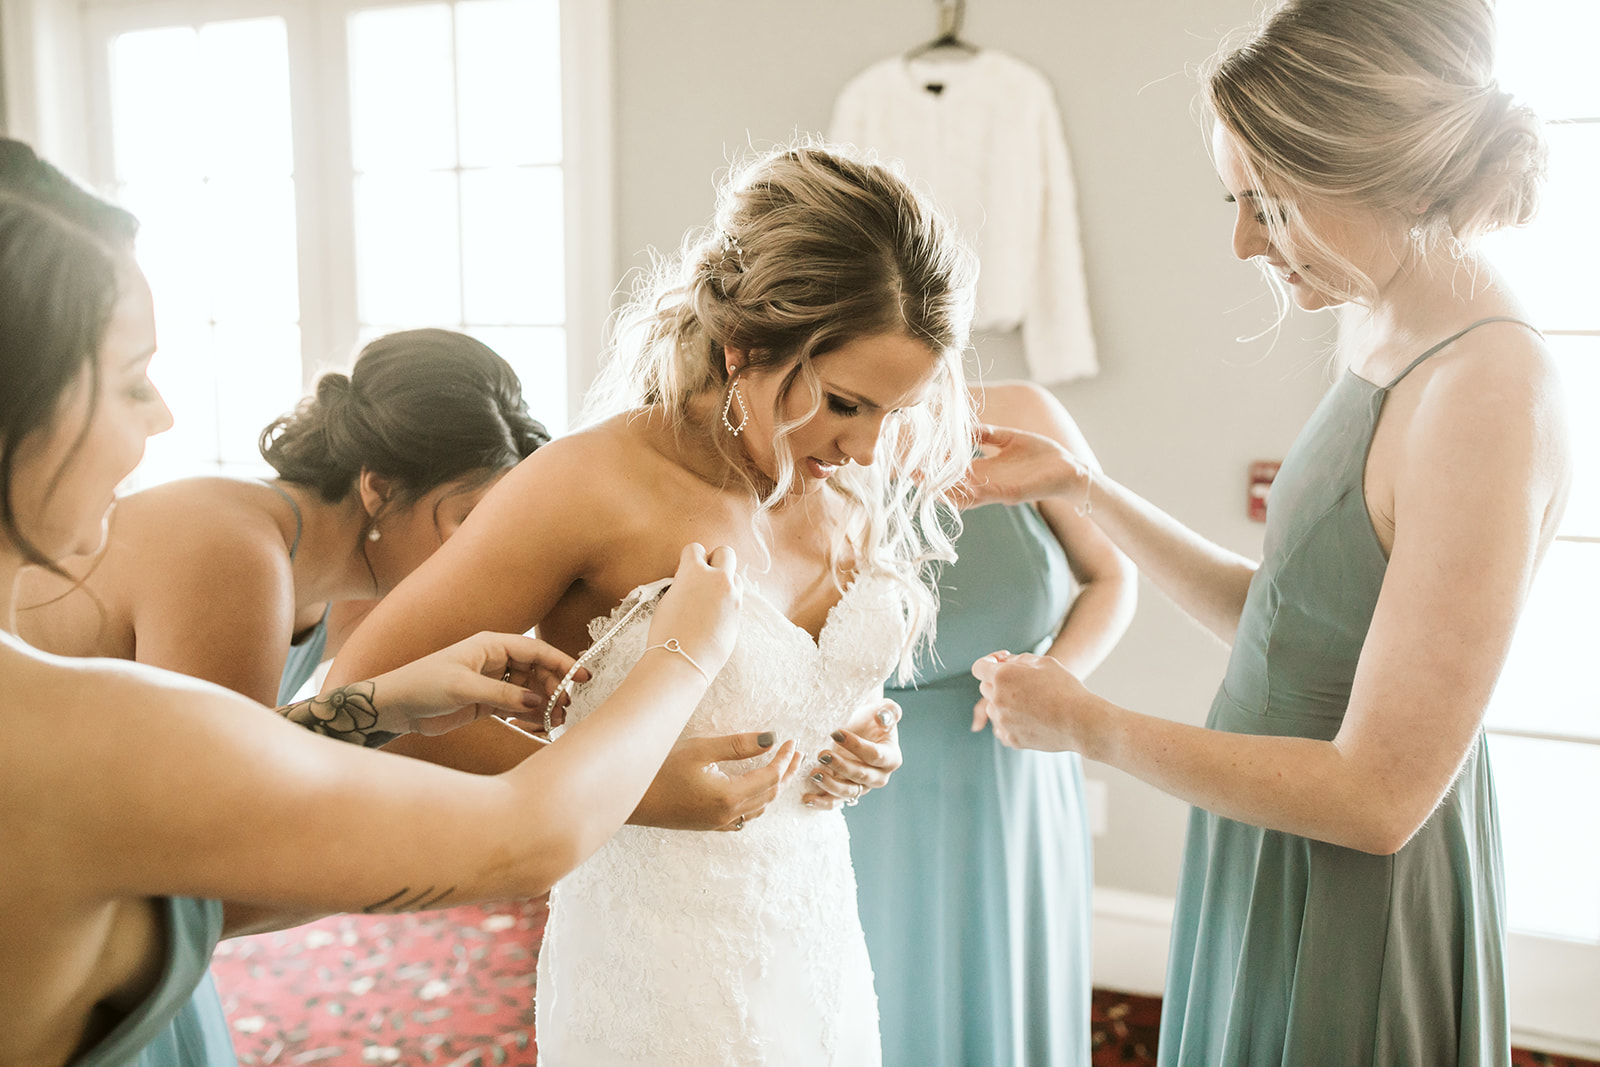 bridal shop kc